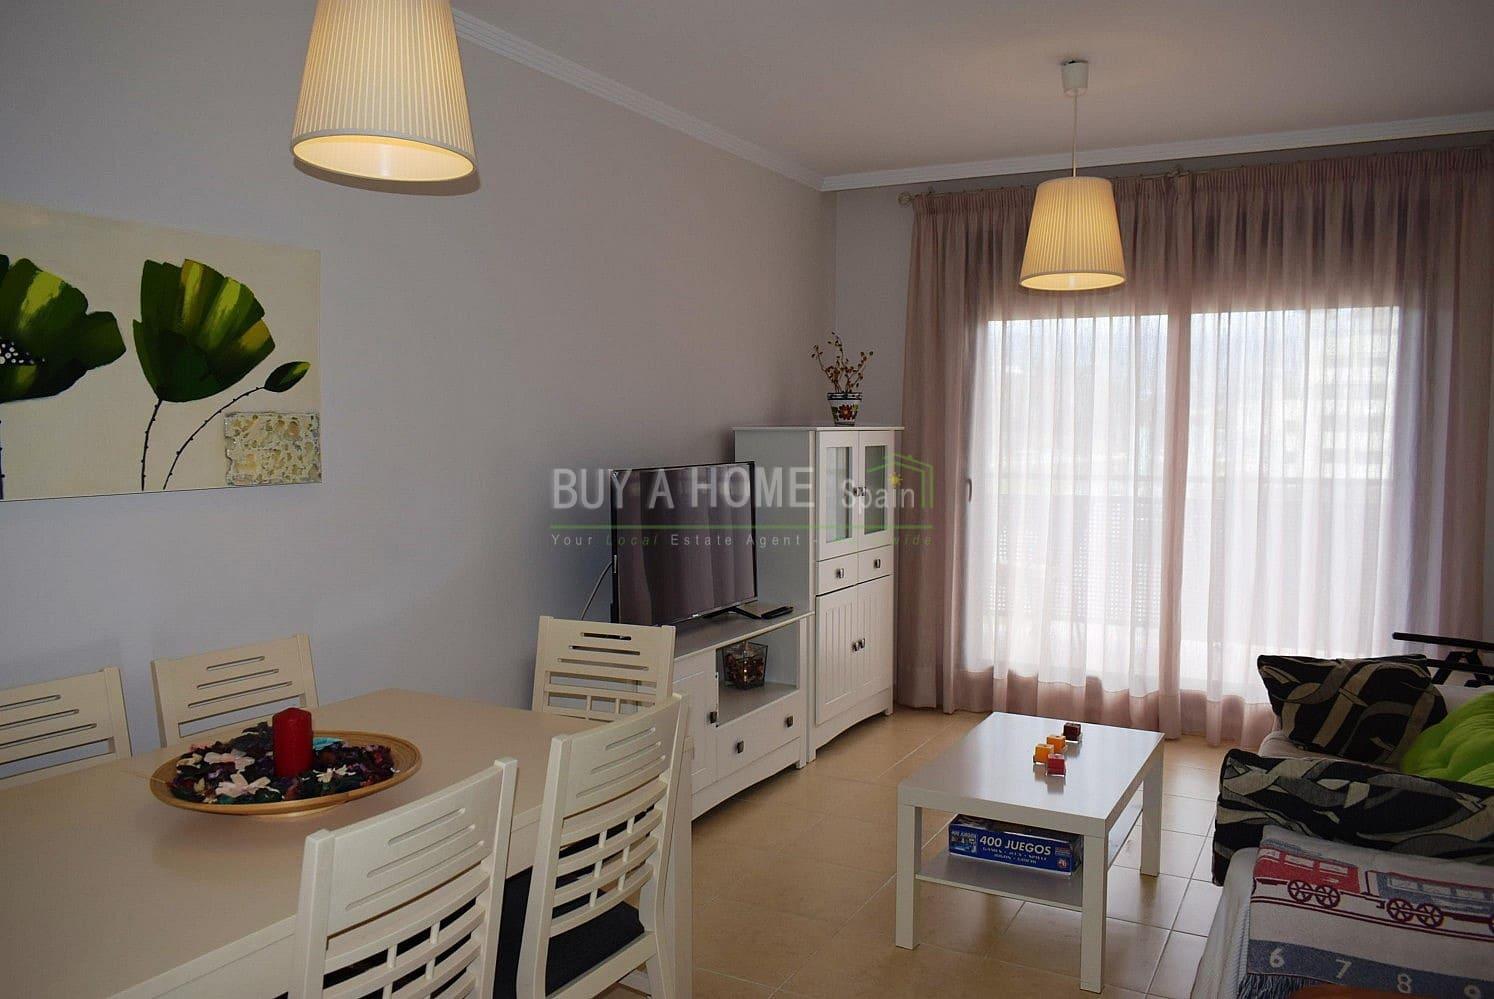 Appartement de 2 chambres à louer à Torre del Mar avec piscine - 600 € (Ref: 4454759)